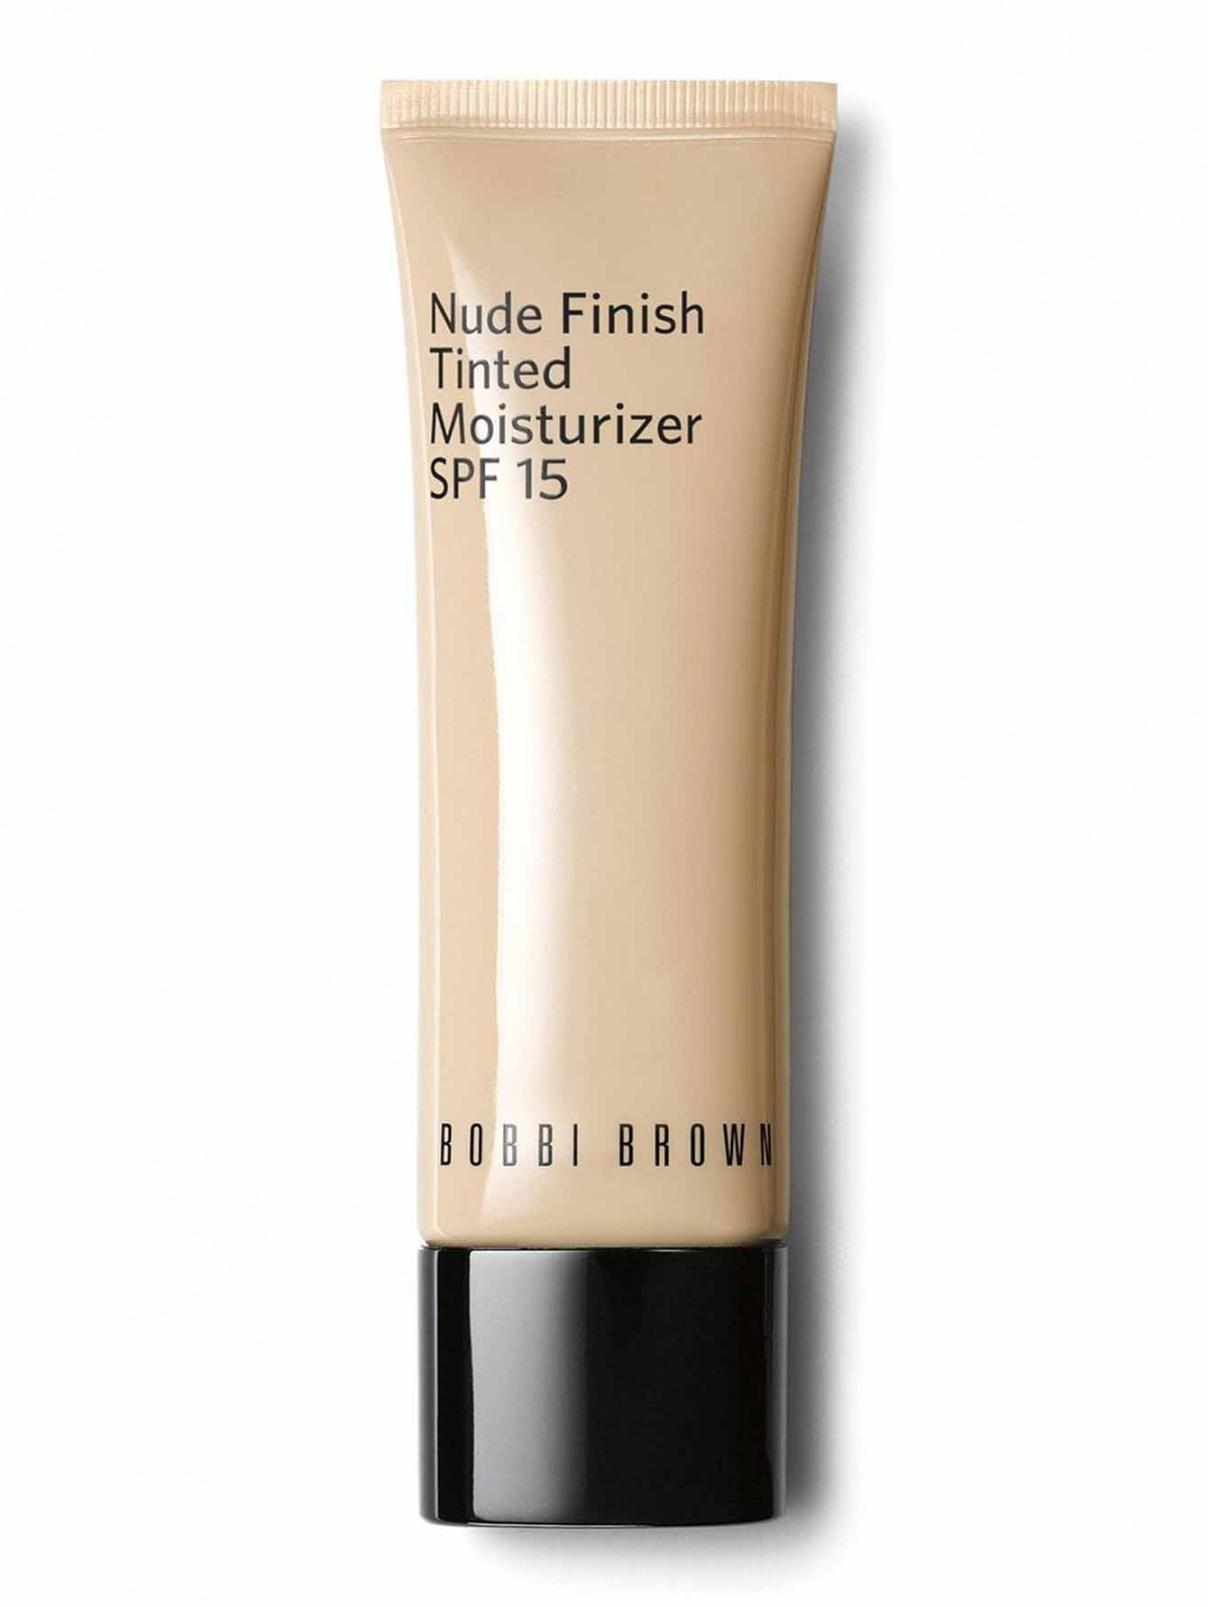 Увлажняющий крем для лица с оттеночным эффектом - Light to Medium Tint, Nude Finish, 50ml Bobbi Brown  –  Общий вид